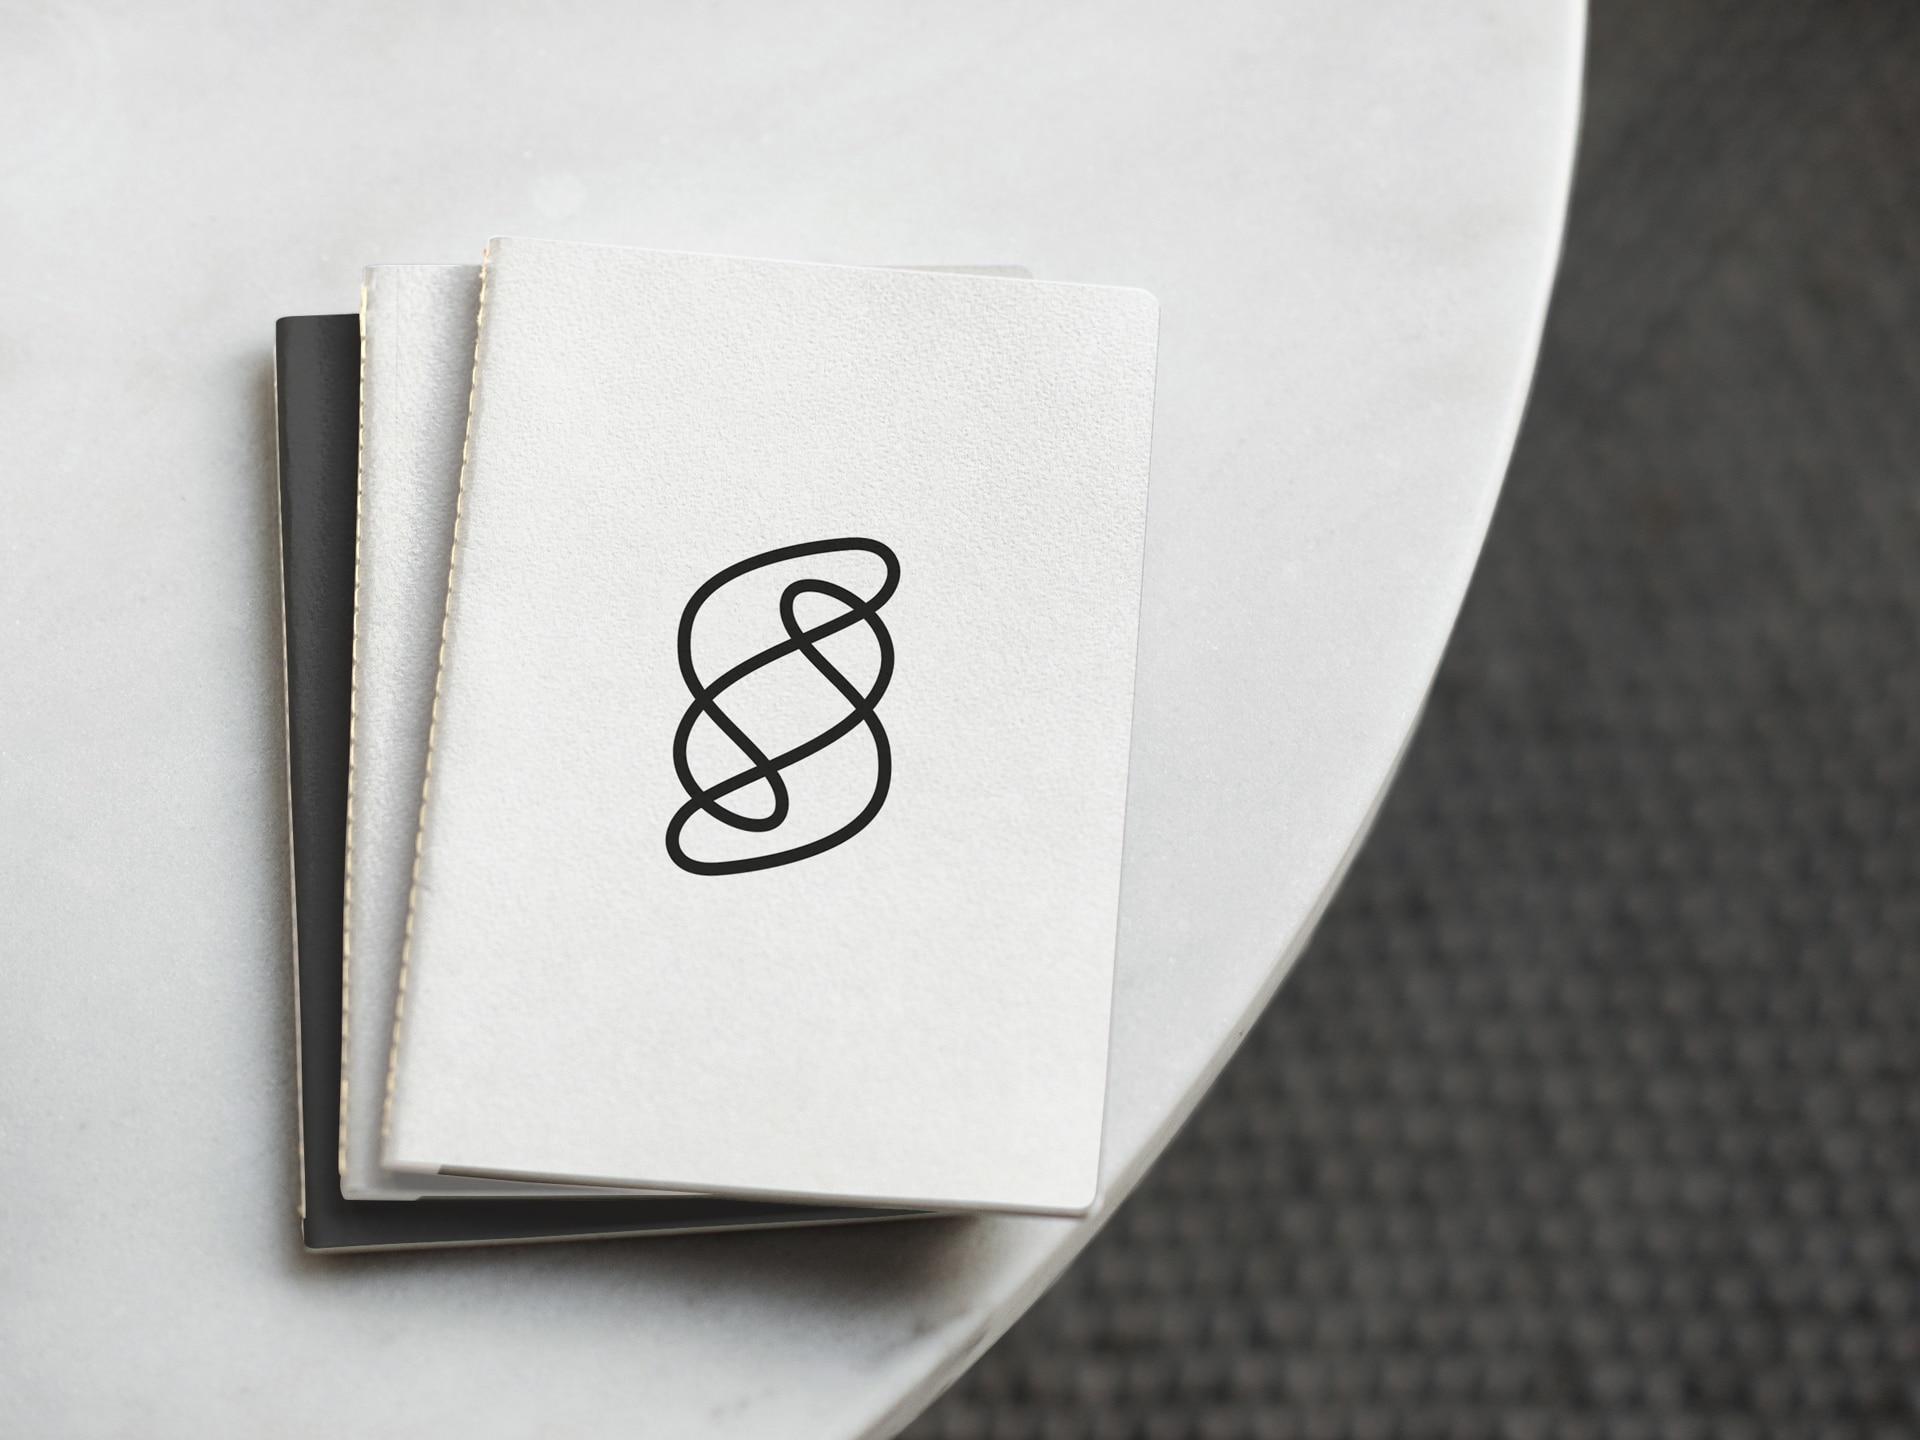 Notizheft Design Naturheilpraxis für Chiropraktik Schraub